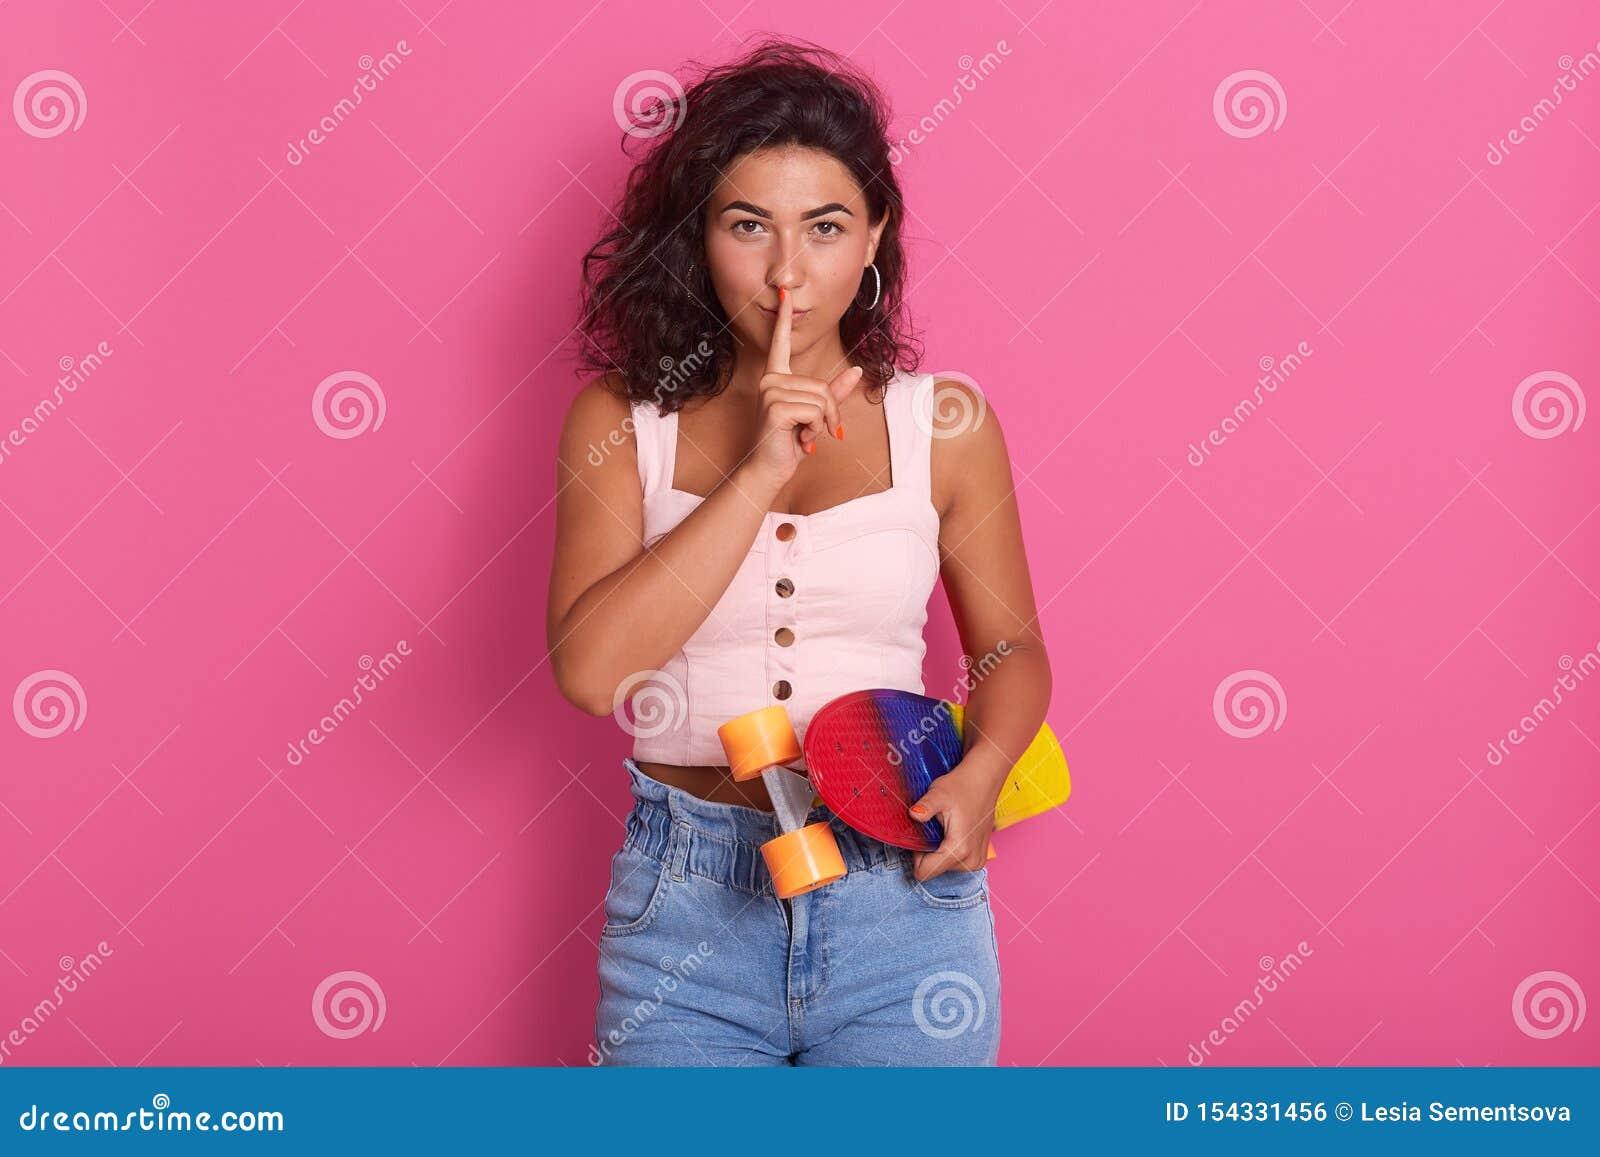 Belle femme magnifique mettant son index aux lèvres, maintenant silencieux, regardant directement la caméra, jugeant coloré